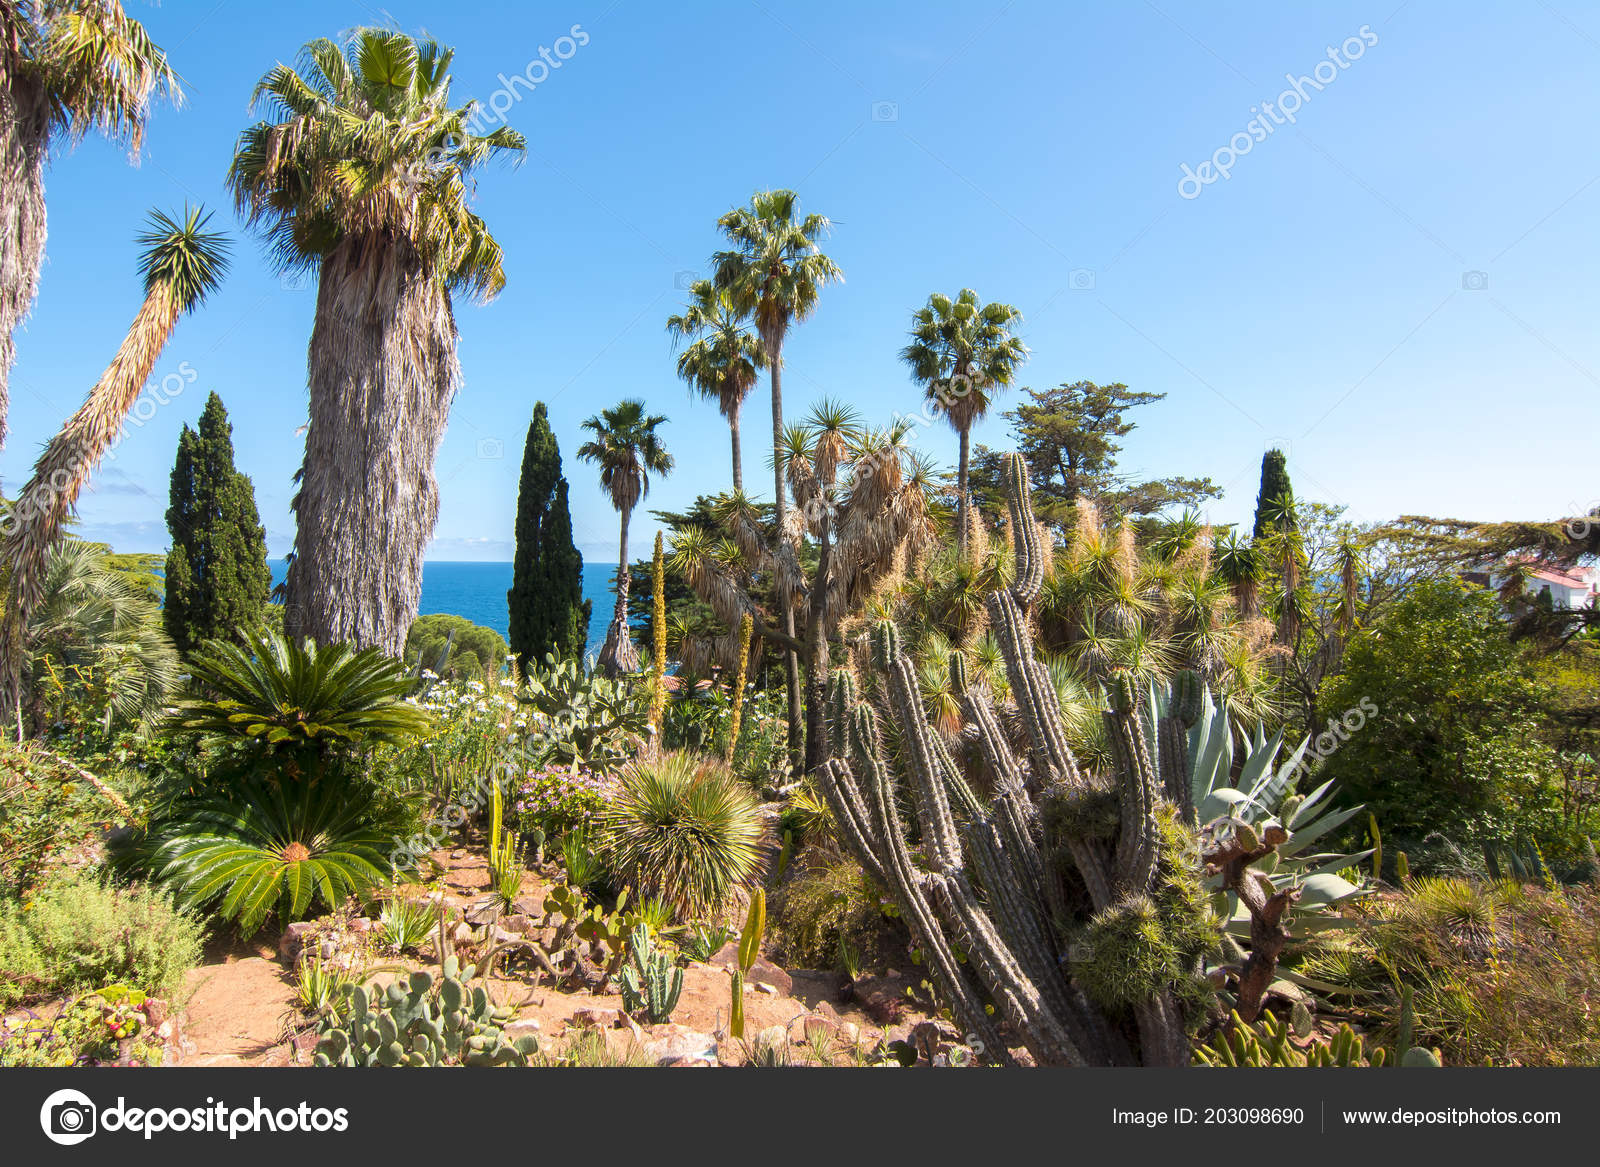 Ortschaften Botanischer Garten Blanes Der Nähe Von Barcelona Spanien